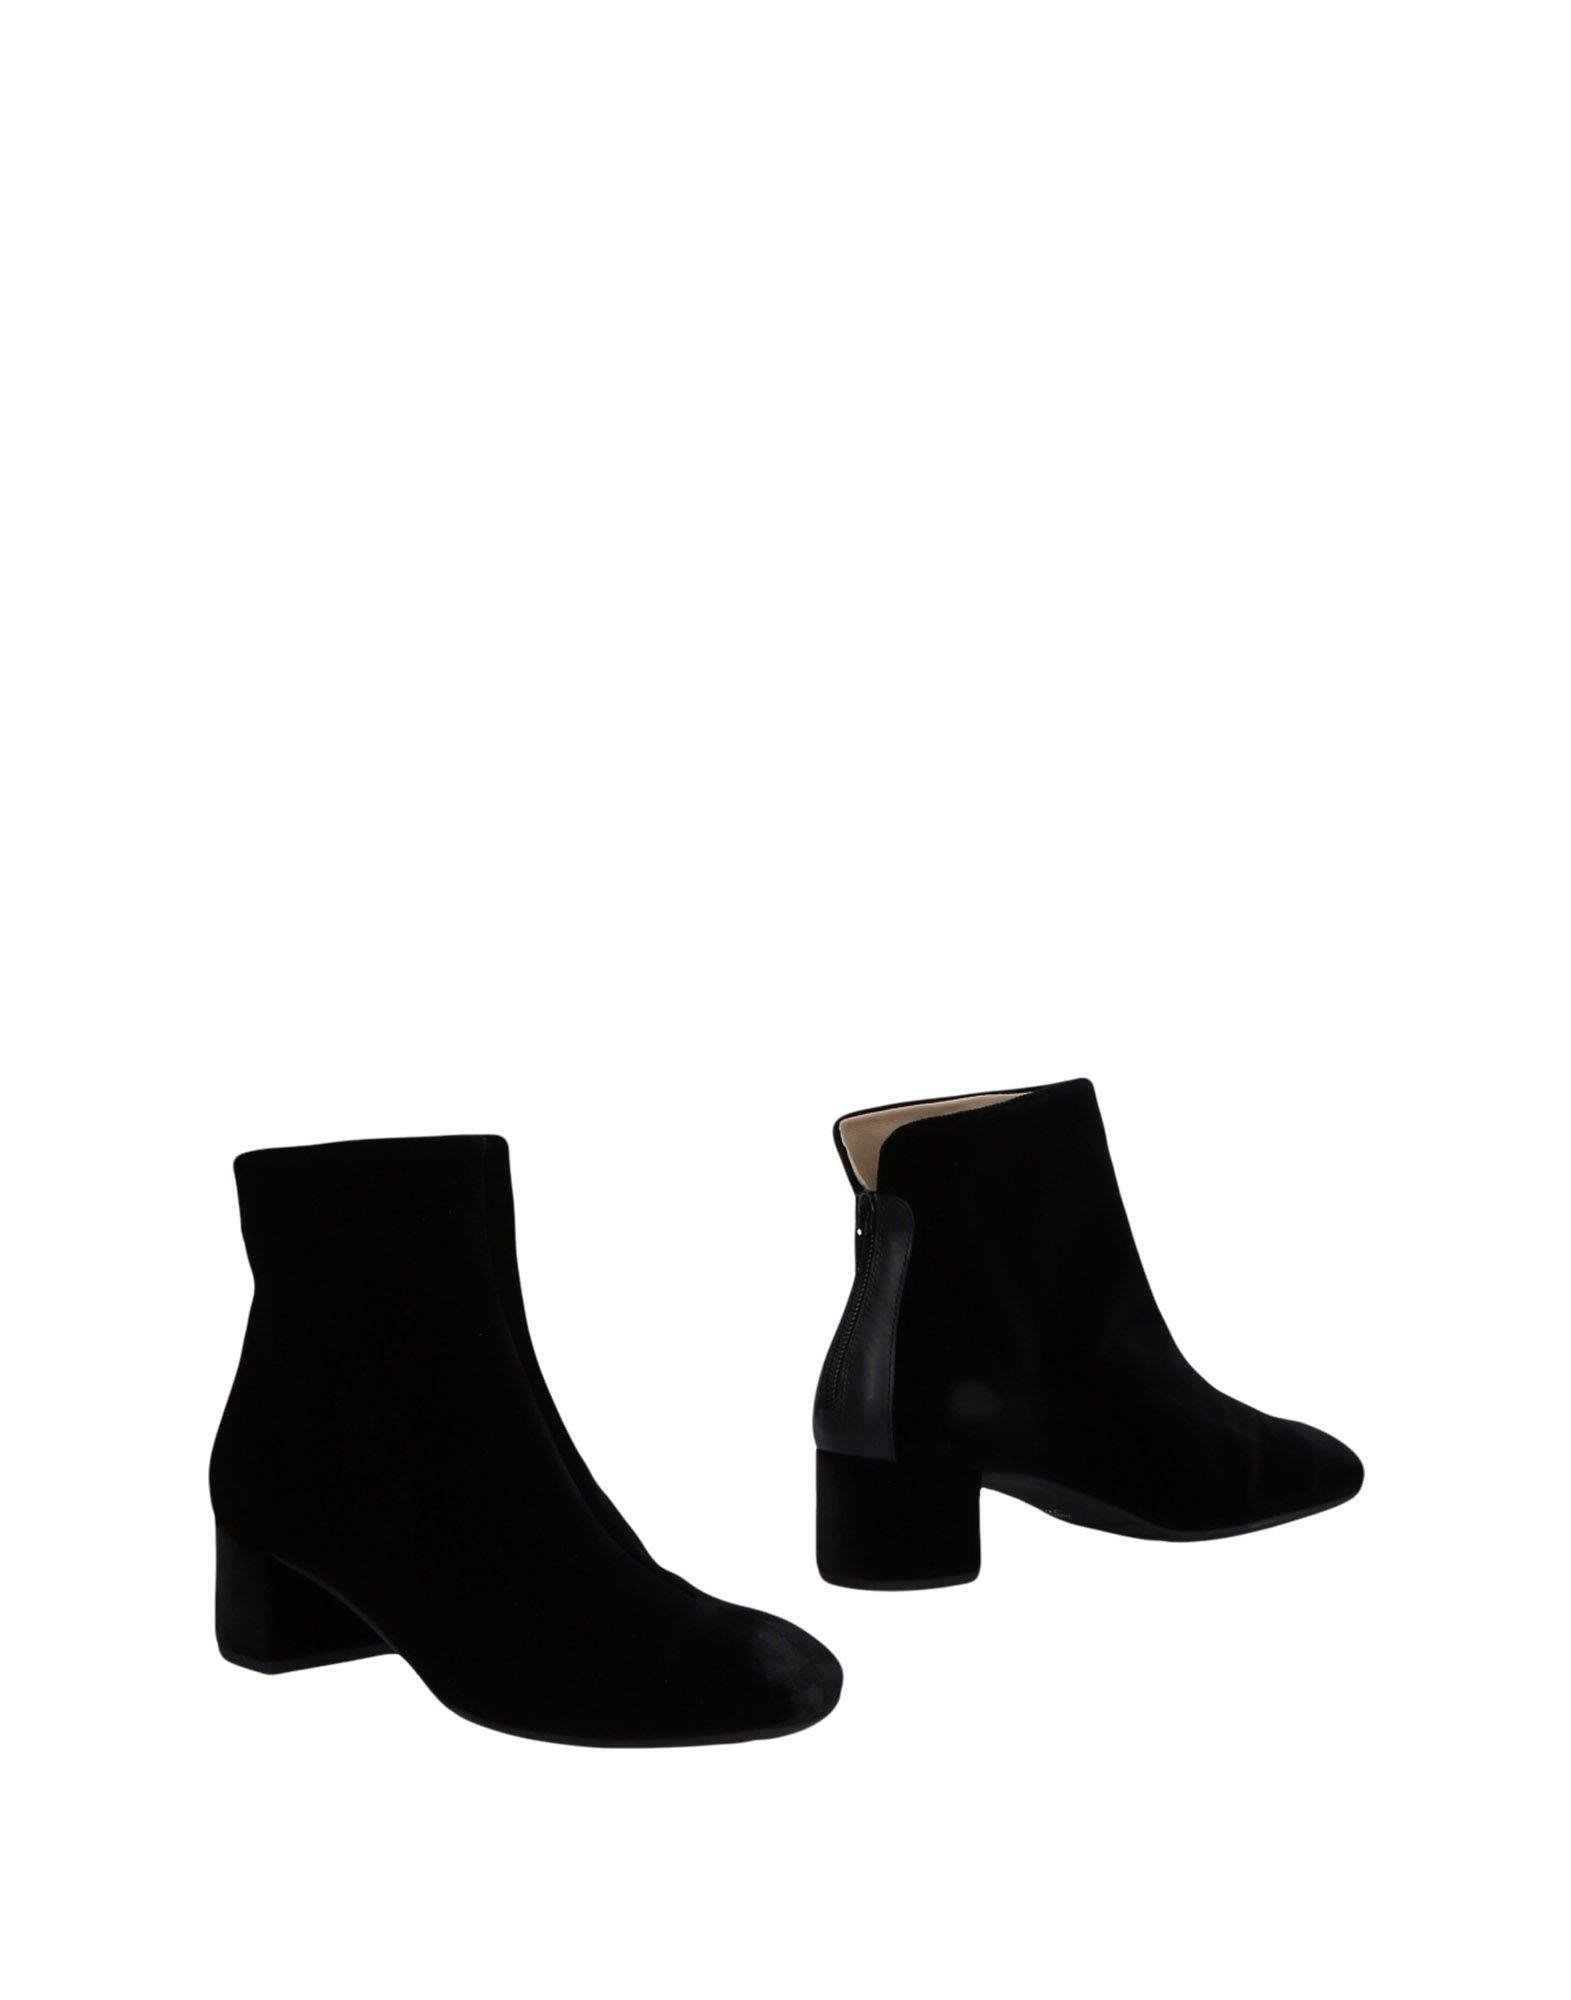 Mocassino Tod's Uomo - 11398141LX Scarpe economiche e buone